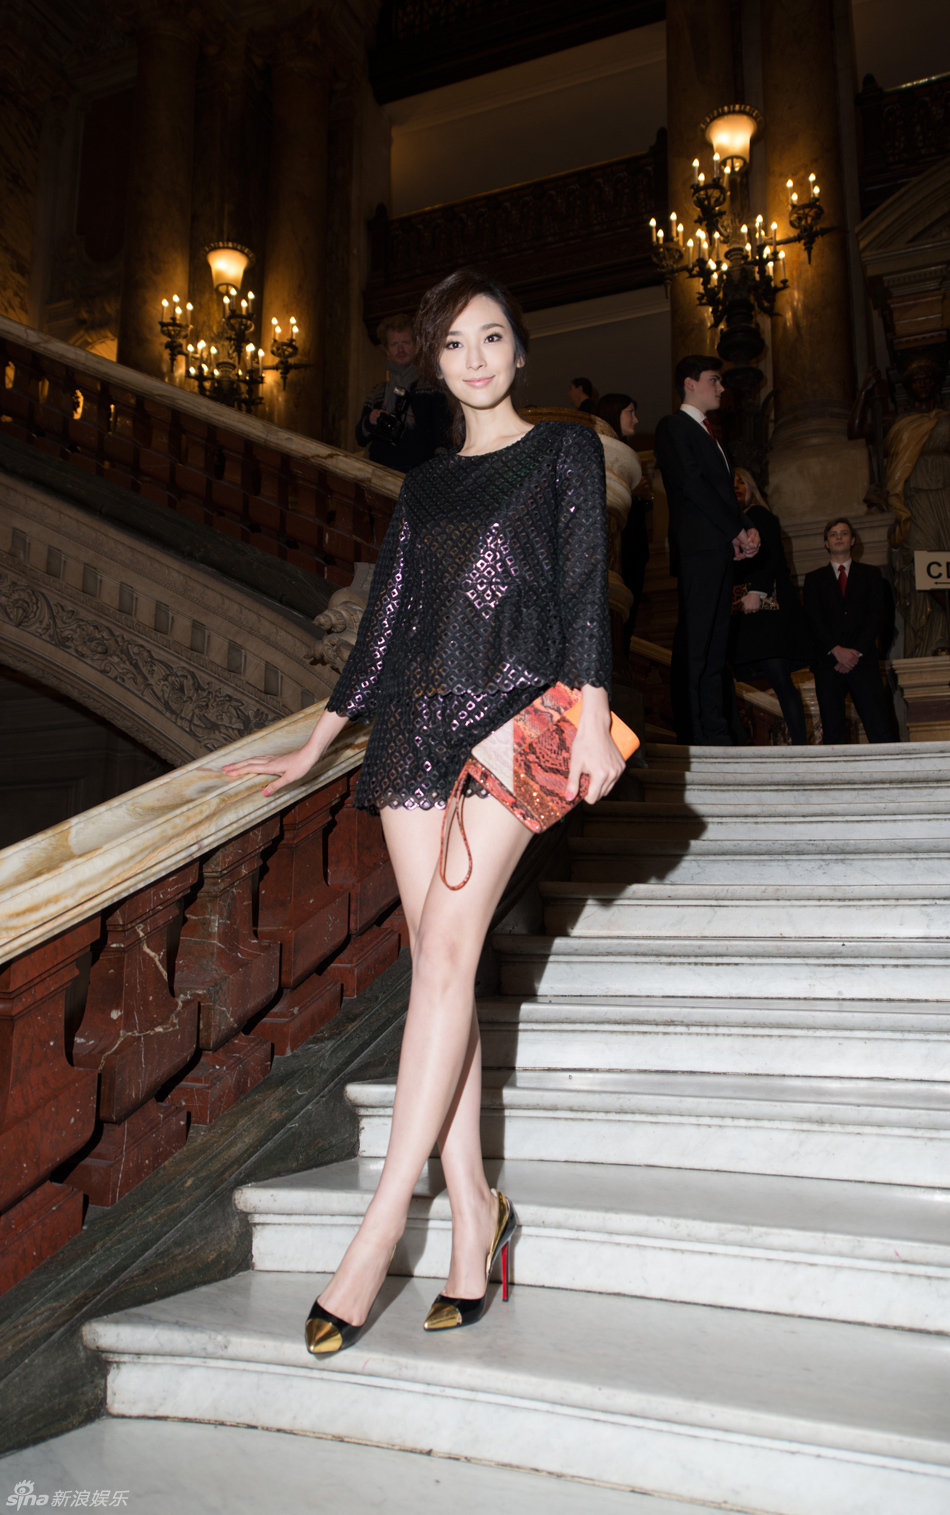 全球时尚领军人物和潮流明星已经云集巴黎图片